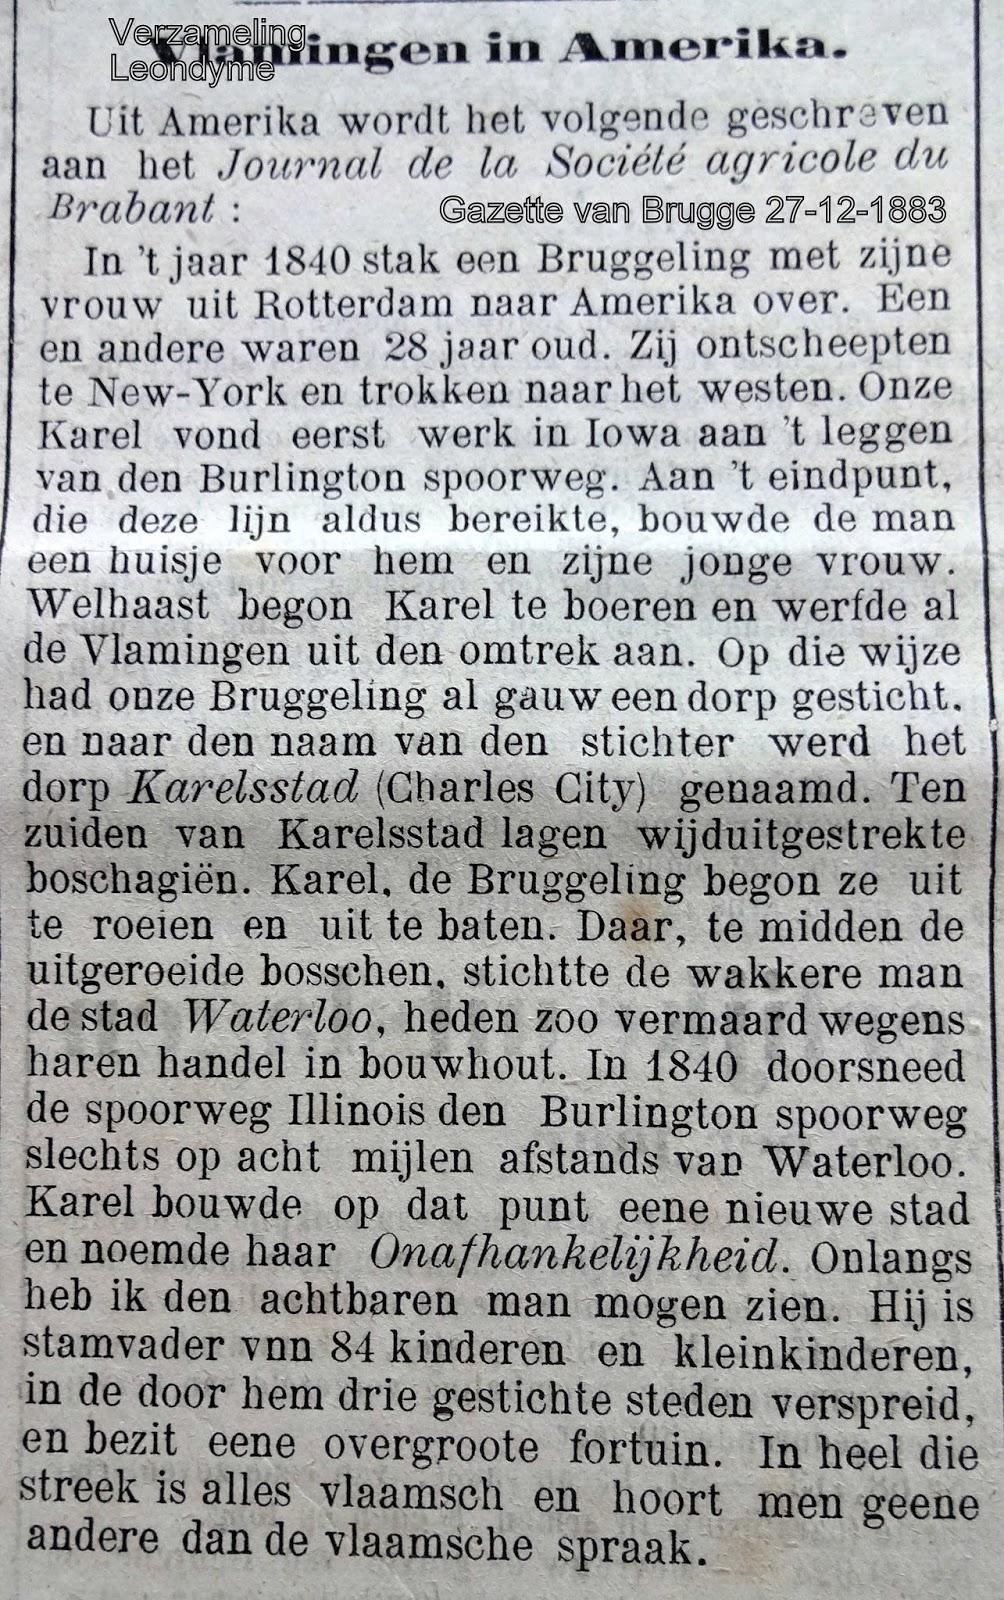 Bruggeling sticht stad in Amerika. Gazette van Brugge 27-12-1883.